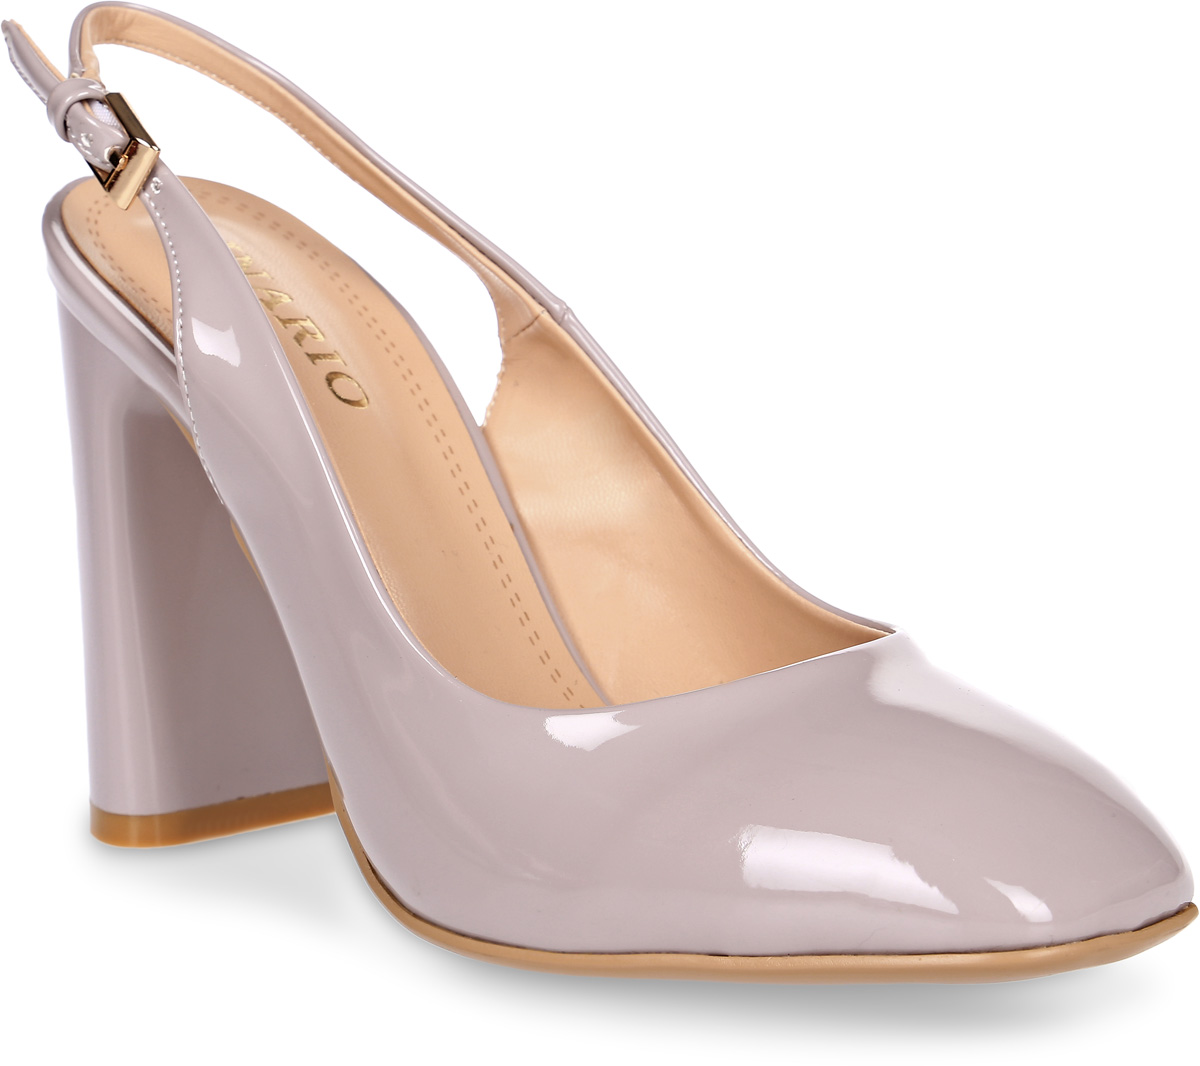 Туфли женские Inario, цвет: серый. 17345-01-10. Размер 3717345-01-10Элегантные туфли Inario с открытой пяткой выполнены из искусственной лаковой кожи. Внутренняя поверхность и стелька из искусственной кожи обеспечат комфорт при движении. Ремешок с металлической пряжкой надежно зафиксирует модель на ноге. Туфли имеют круглый мысок и широкий устойчивый каблук.